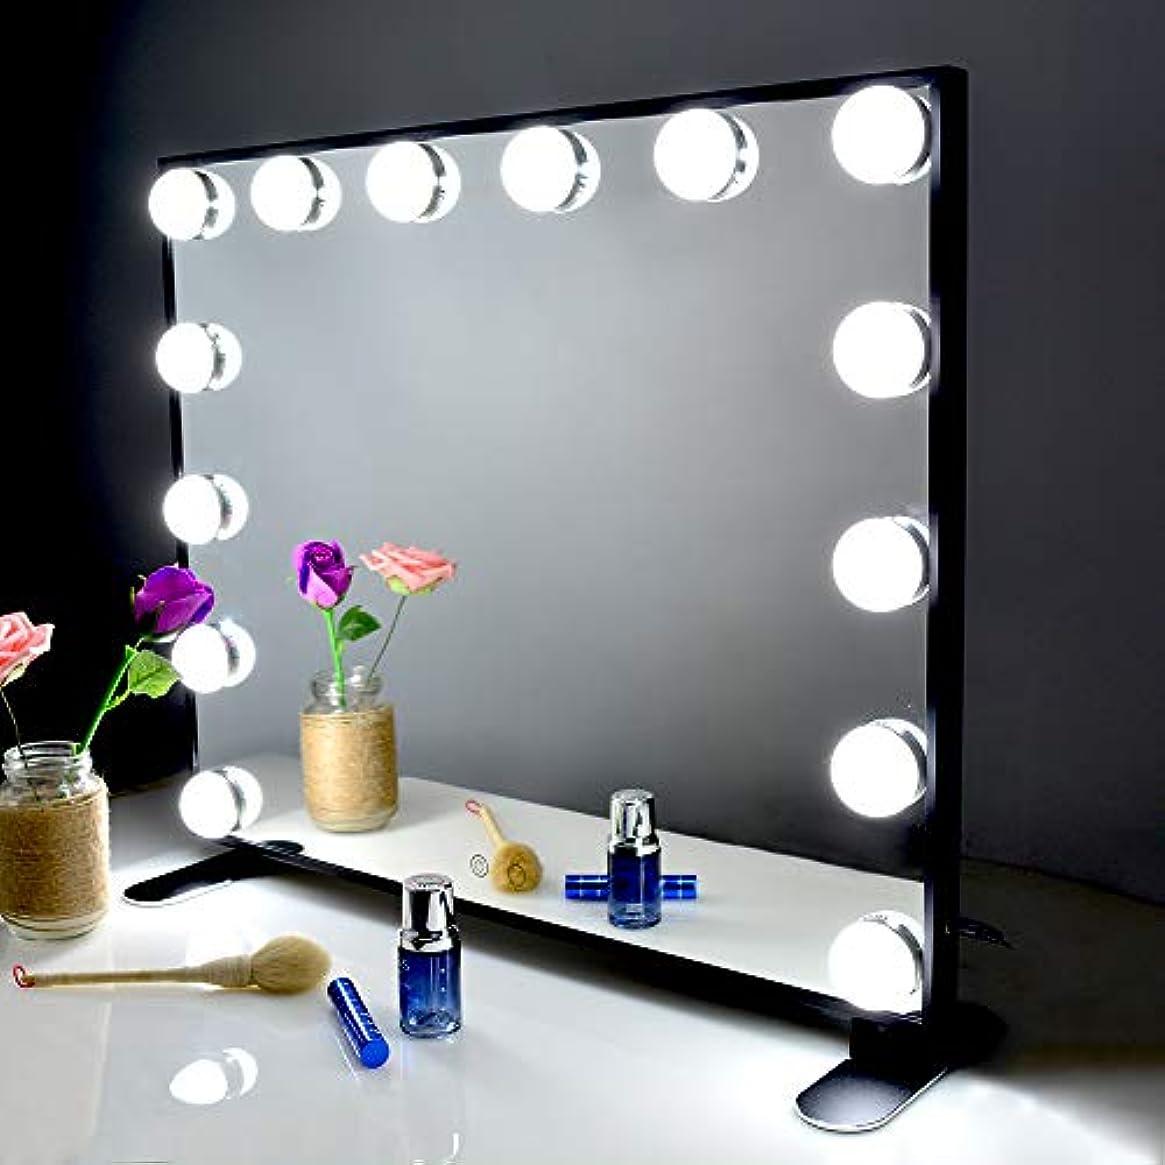 クローン溝多様体Wonstart 女優ミラー 化粧鏡 ハリウッドスタイル 14個LED電球付き 暖色?寒色 2色ライトモード 明るさ調節可能 女優ライト 卓上 LEDミラー ドレッサー/化粧台適用(ブラック)